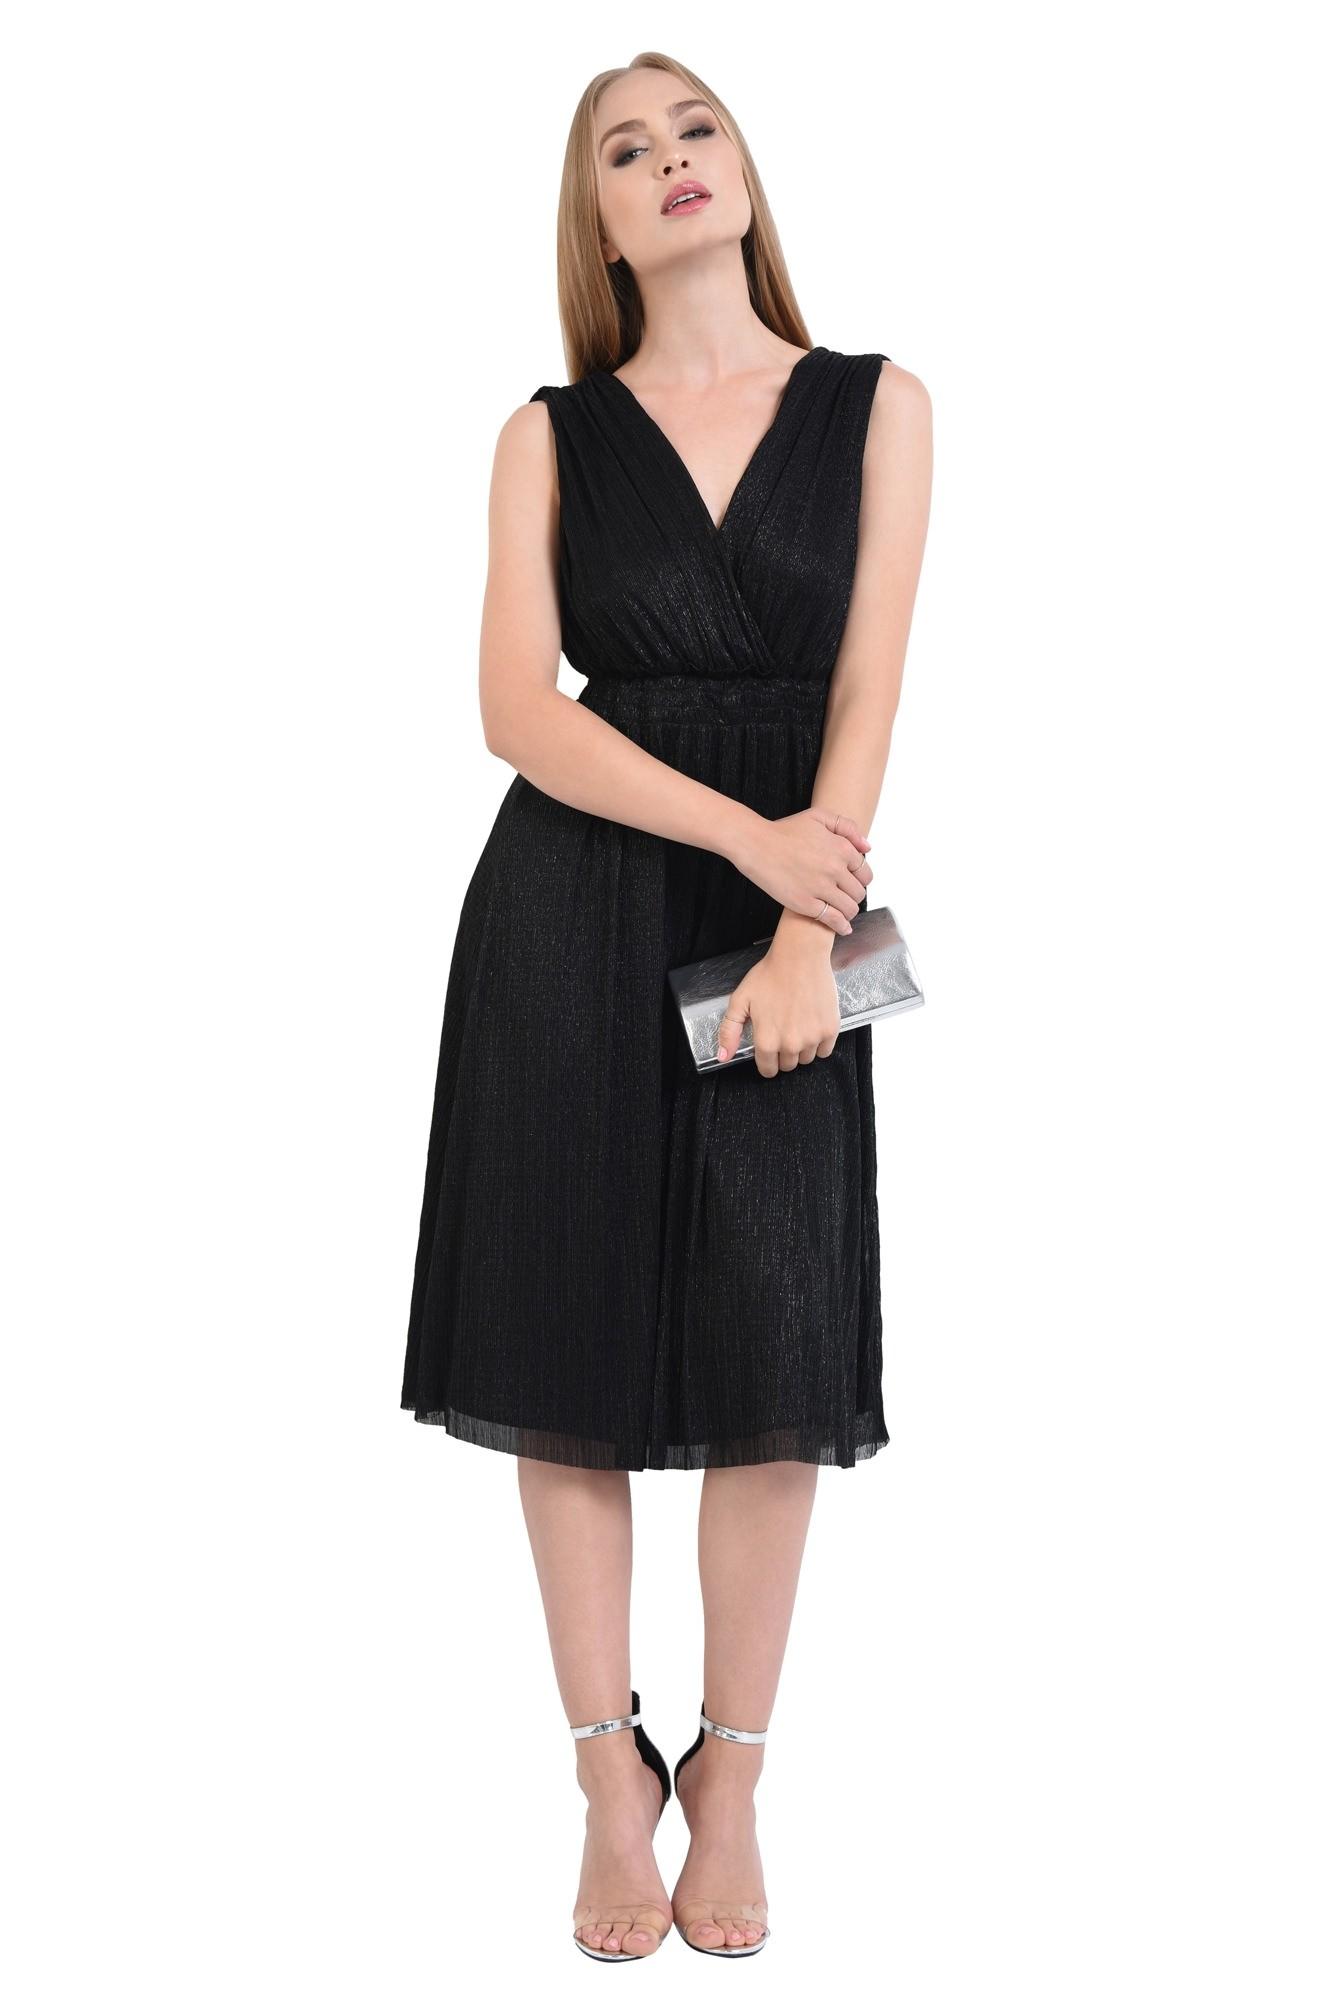 0 - rochie de seara, lurex, negru, spate gol, snur, cu funda